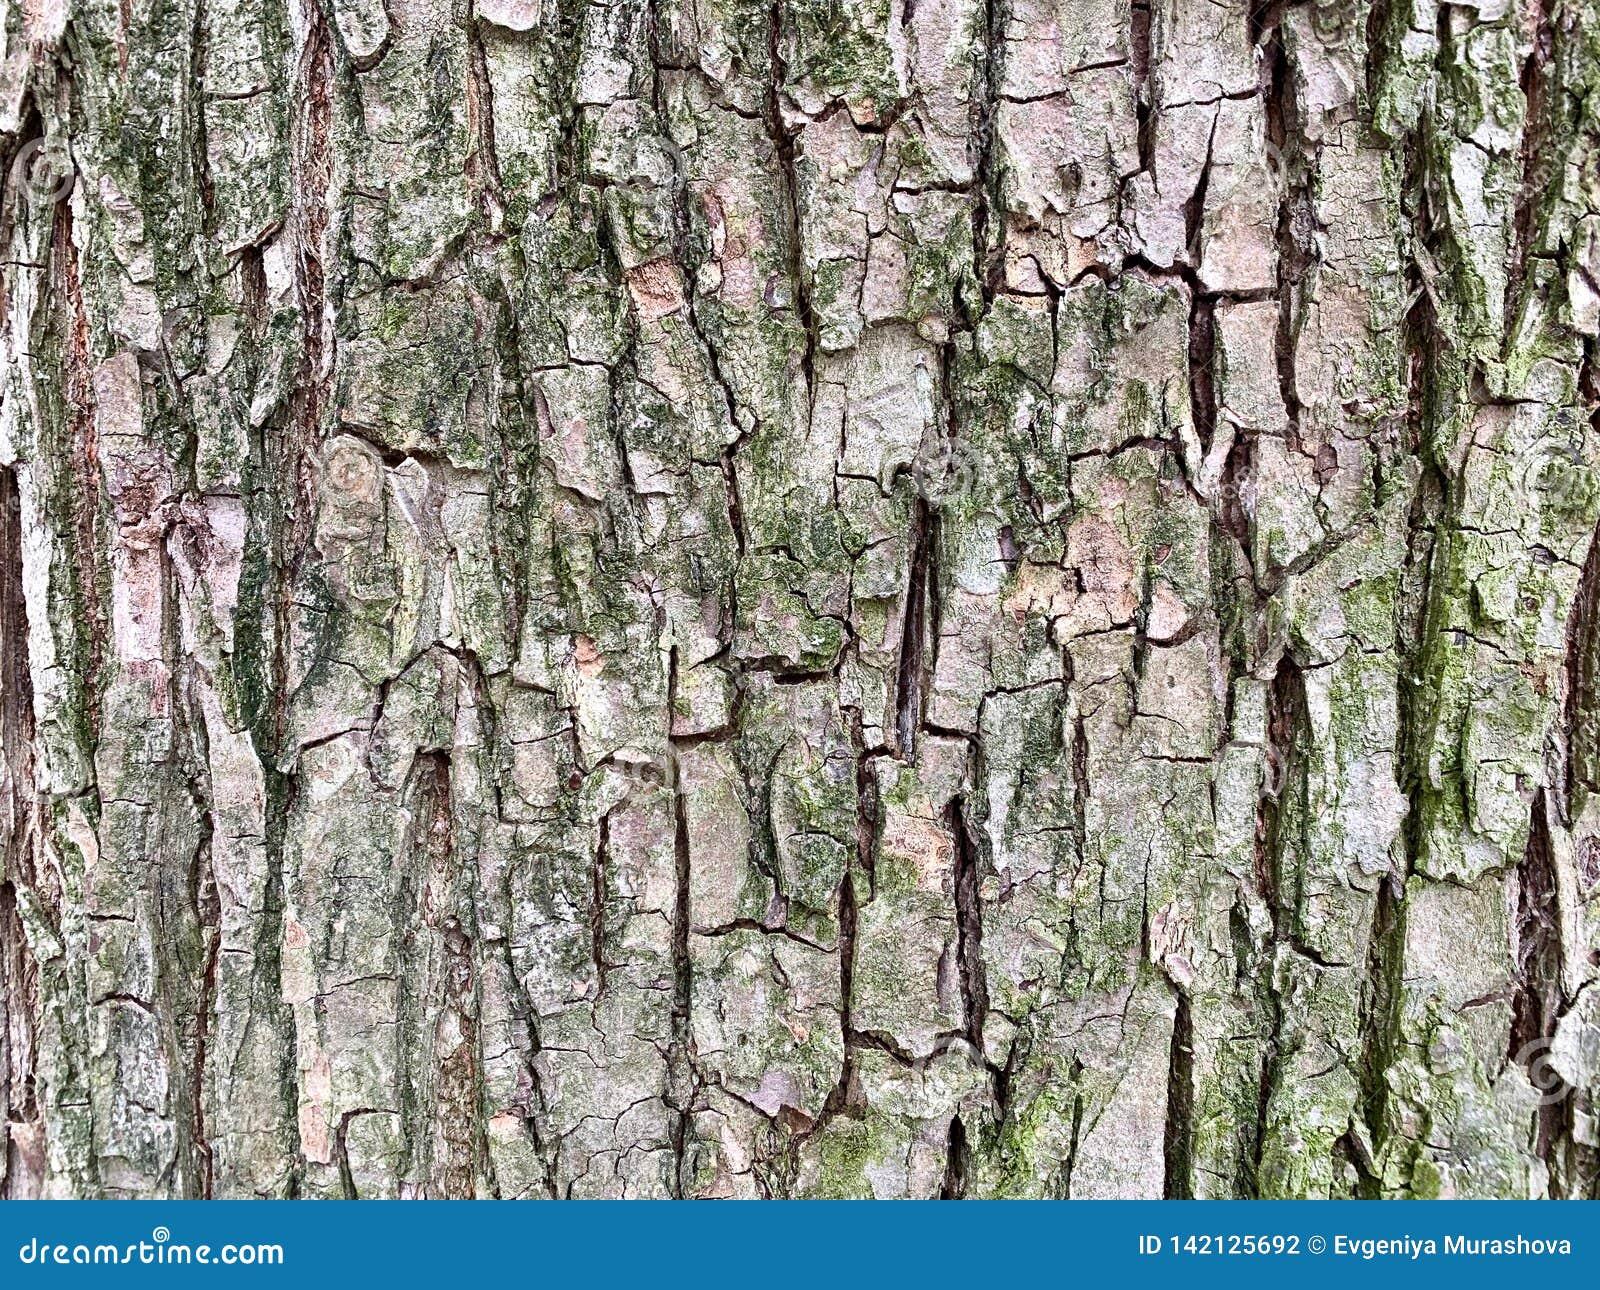 Texture of tree bark, a little green moss.